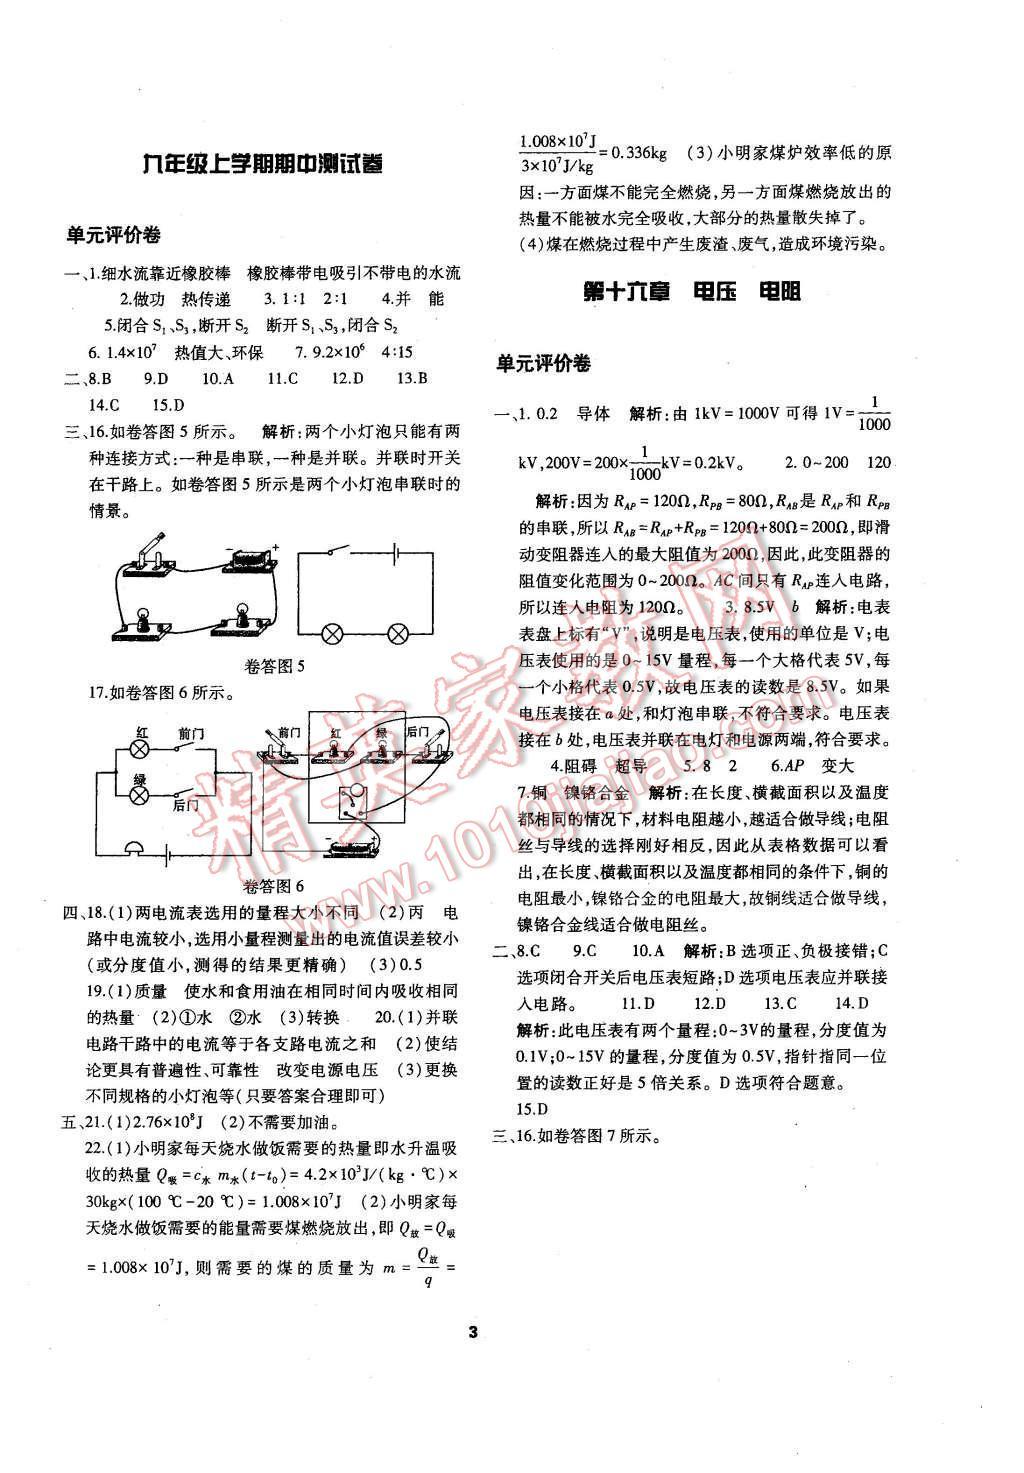 2015年基础训练九年级物理全一册人教版河南省内使用单元评价卷参考答案第3页